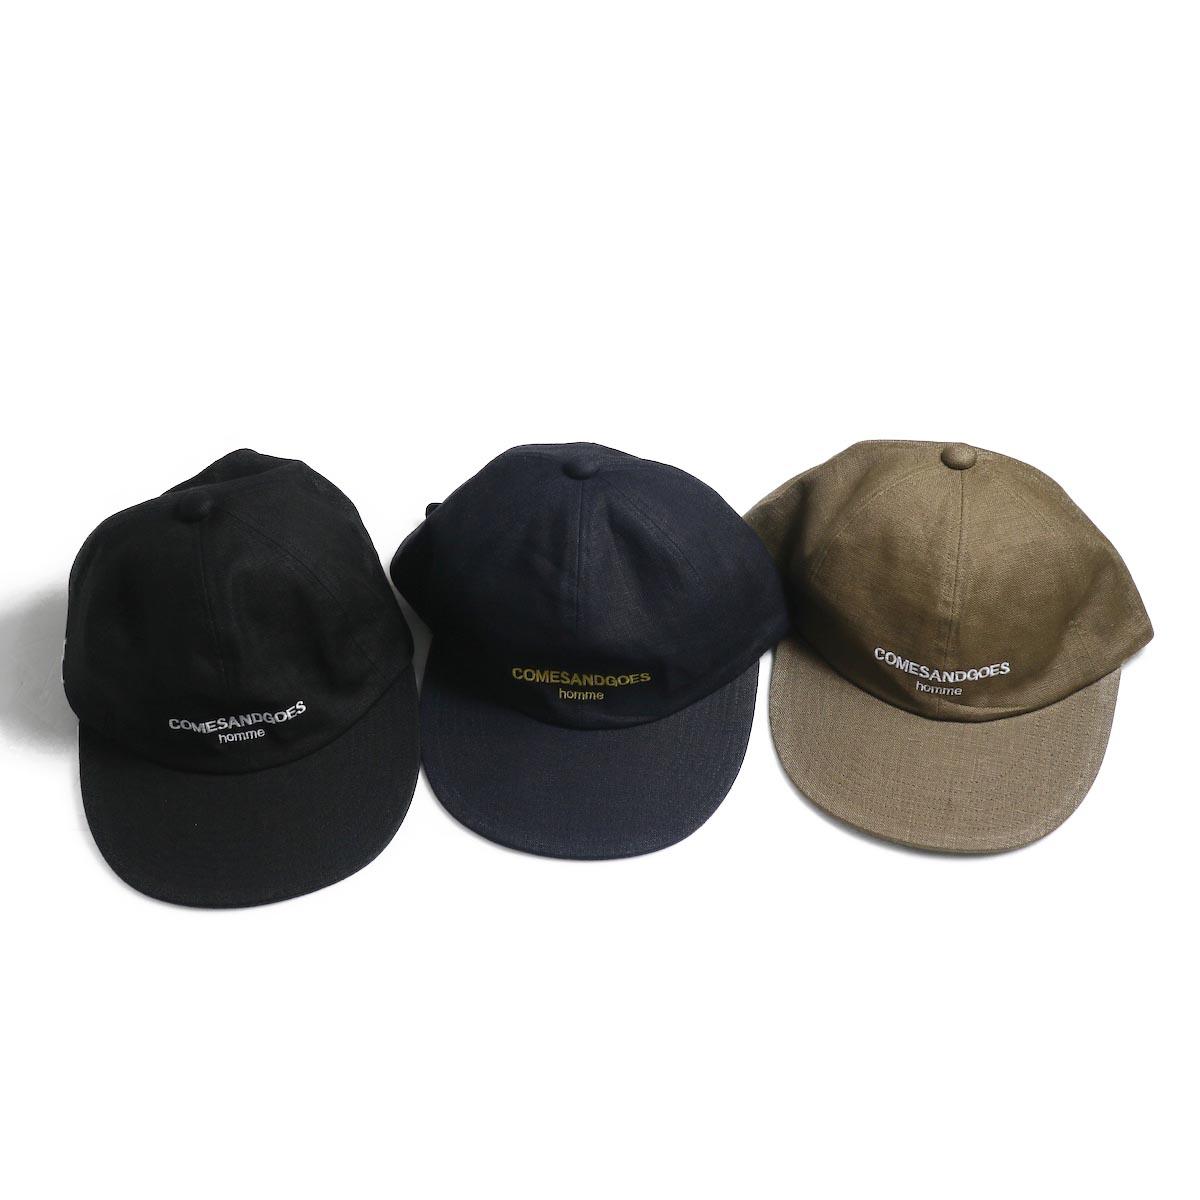 COMESANDGOES / COMES Homme Linen Cap (NO.14518) 3色